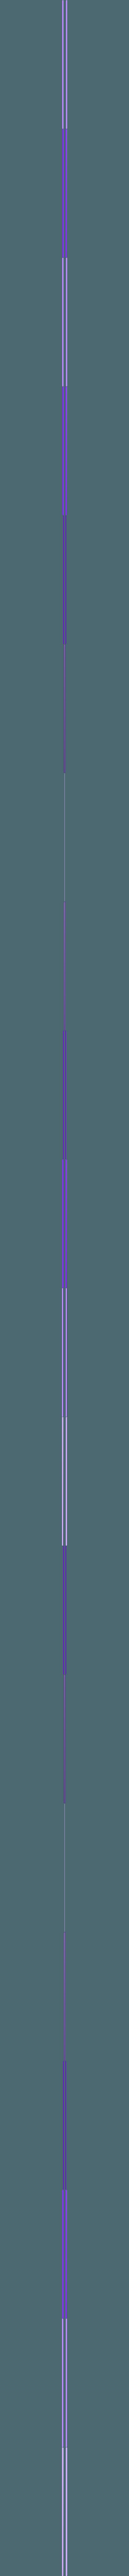 CINTA MASCARILLA ALOCASIA 20032020-1.stl Télécharger fichier STL gratuit TPU MASK MASK - Imprimante 3D BCN3D sigma R19 double extrudeuses • Objet imprimable en 3D, carleslluisar